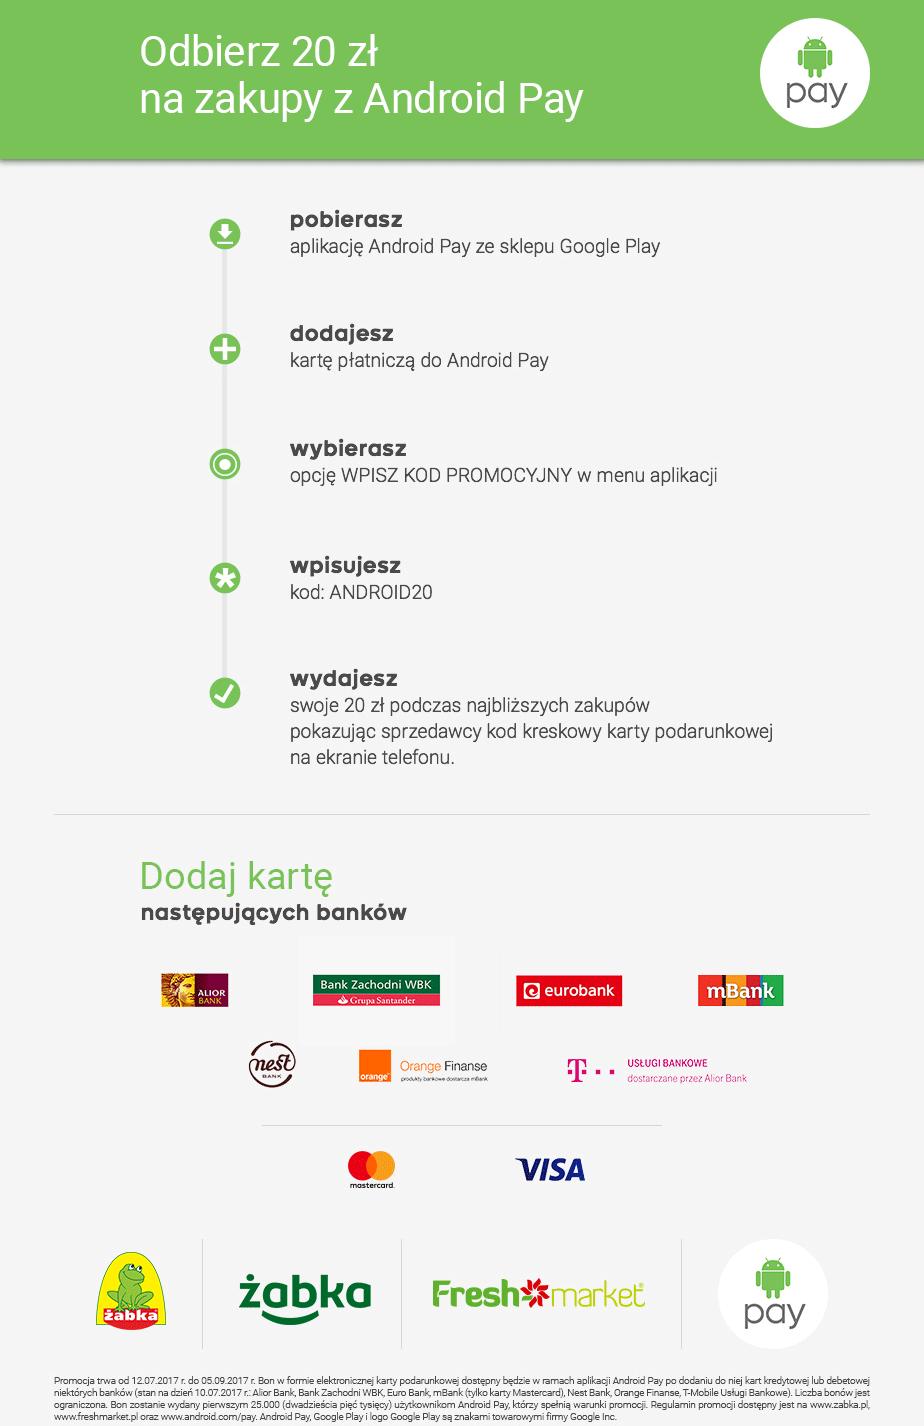 Jak skorzystac z promocji Android Pay w sieci sklepów Żabka i Freshmarket?